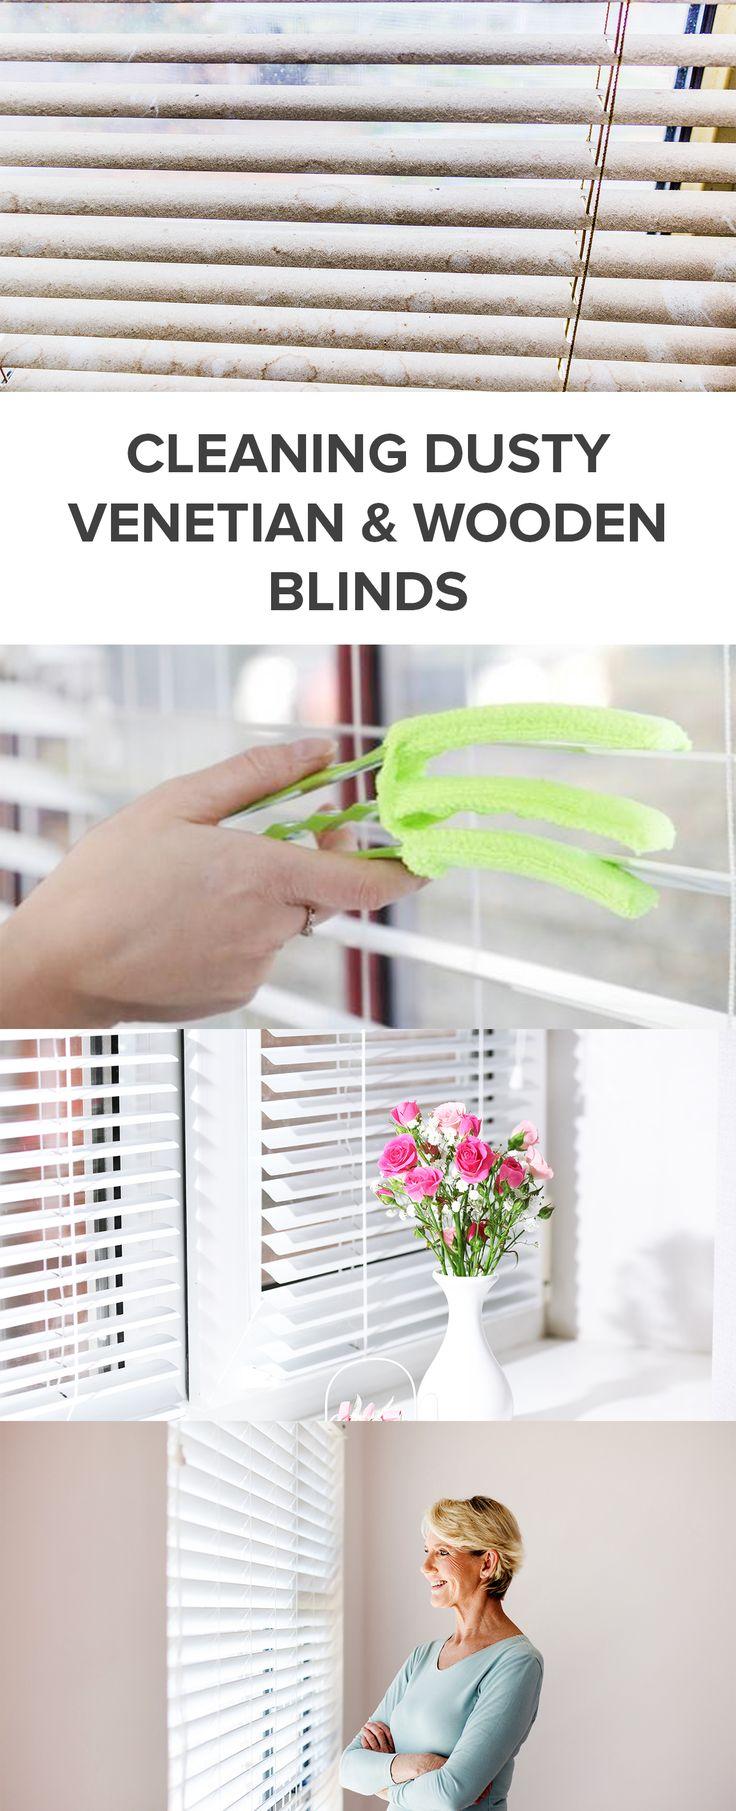 63 best wooden blinds images on pinterest sunroom blinds blinds and shades. Black Bedroom Furniture Sets. Home Design Ideas